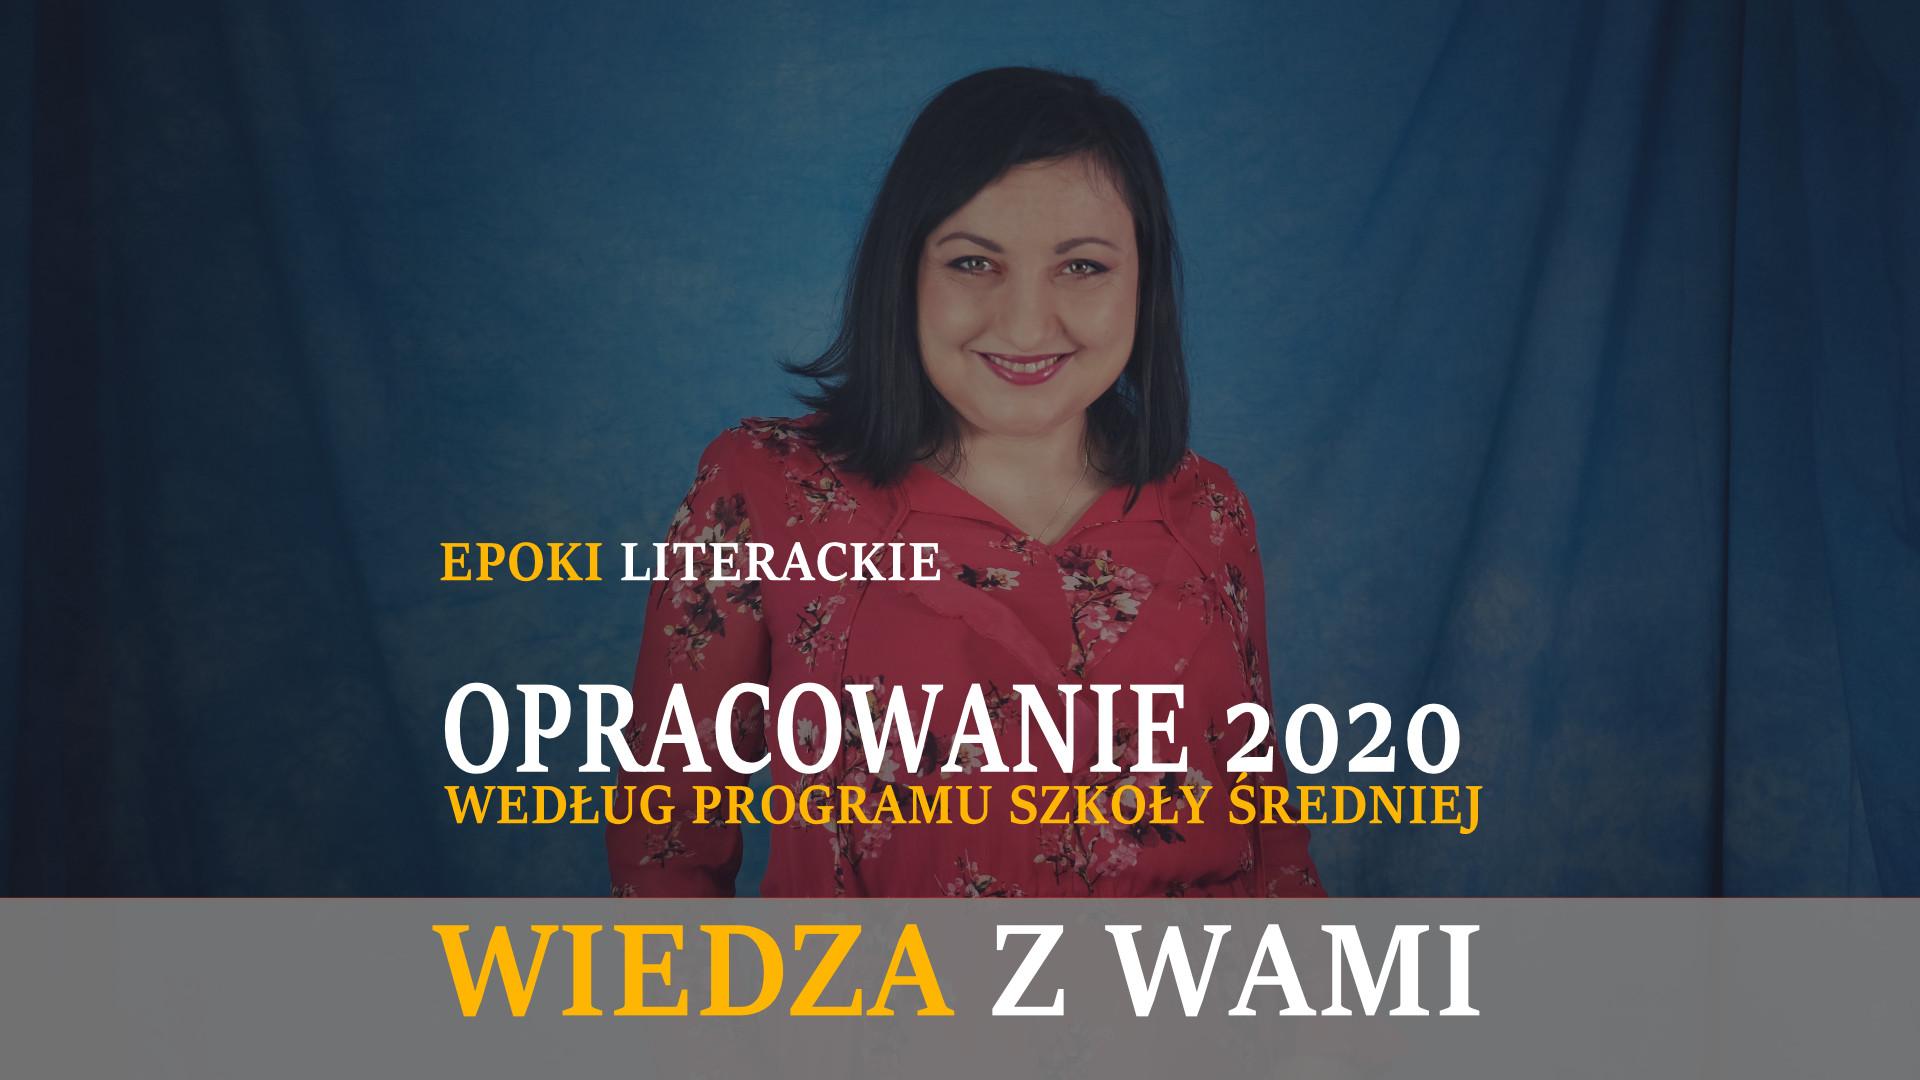 zestaw program dla szkoly sredniej 2020